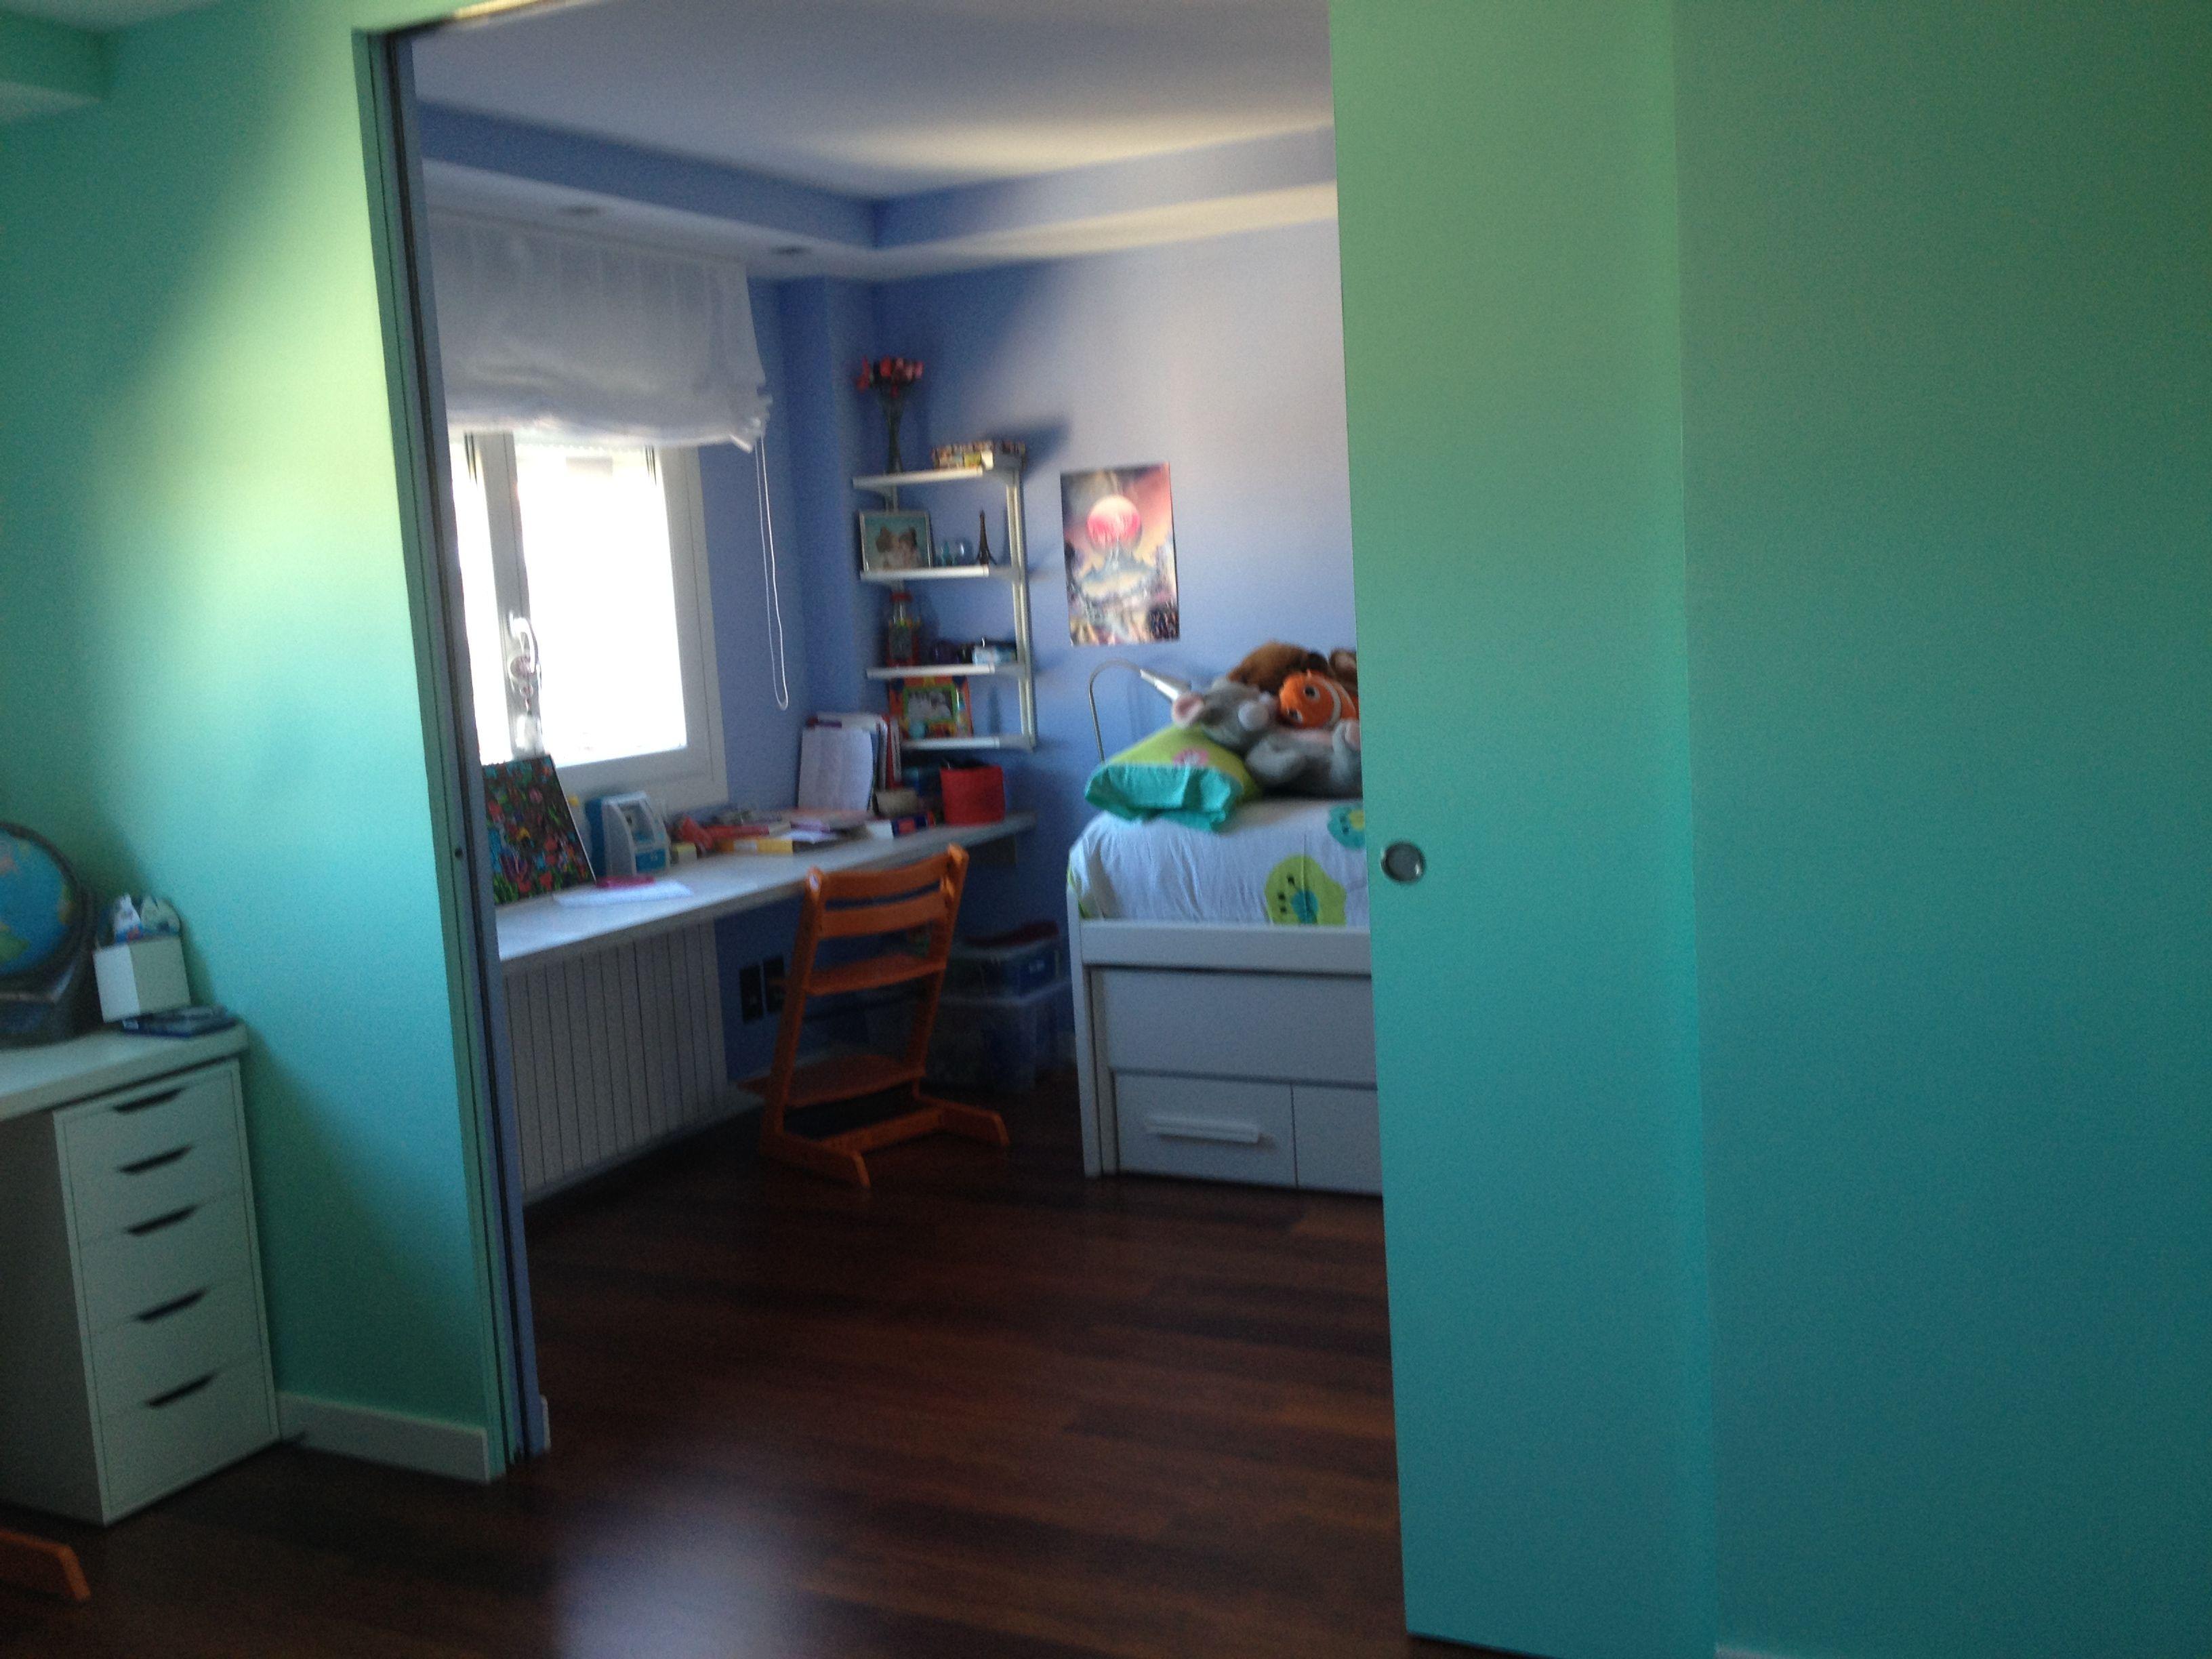 Puertas correderas para separar habitaciones infantiles - Carteles para puertas habitaciones ...